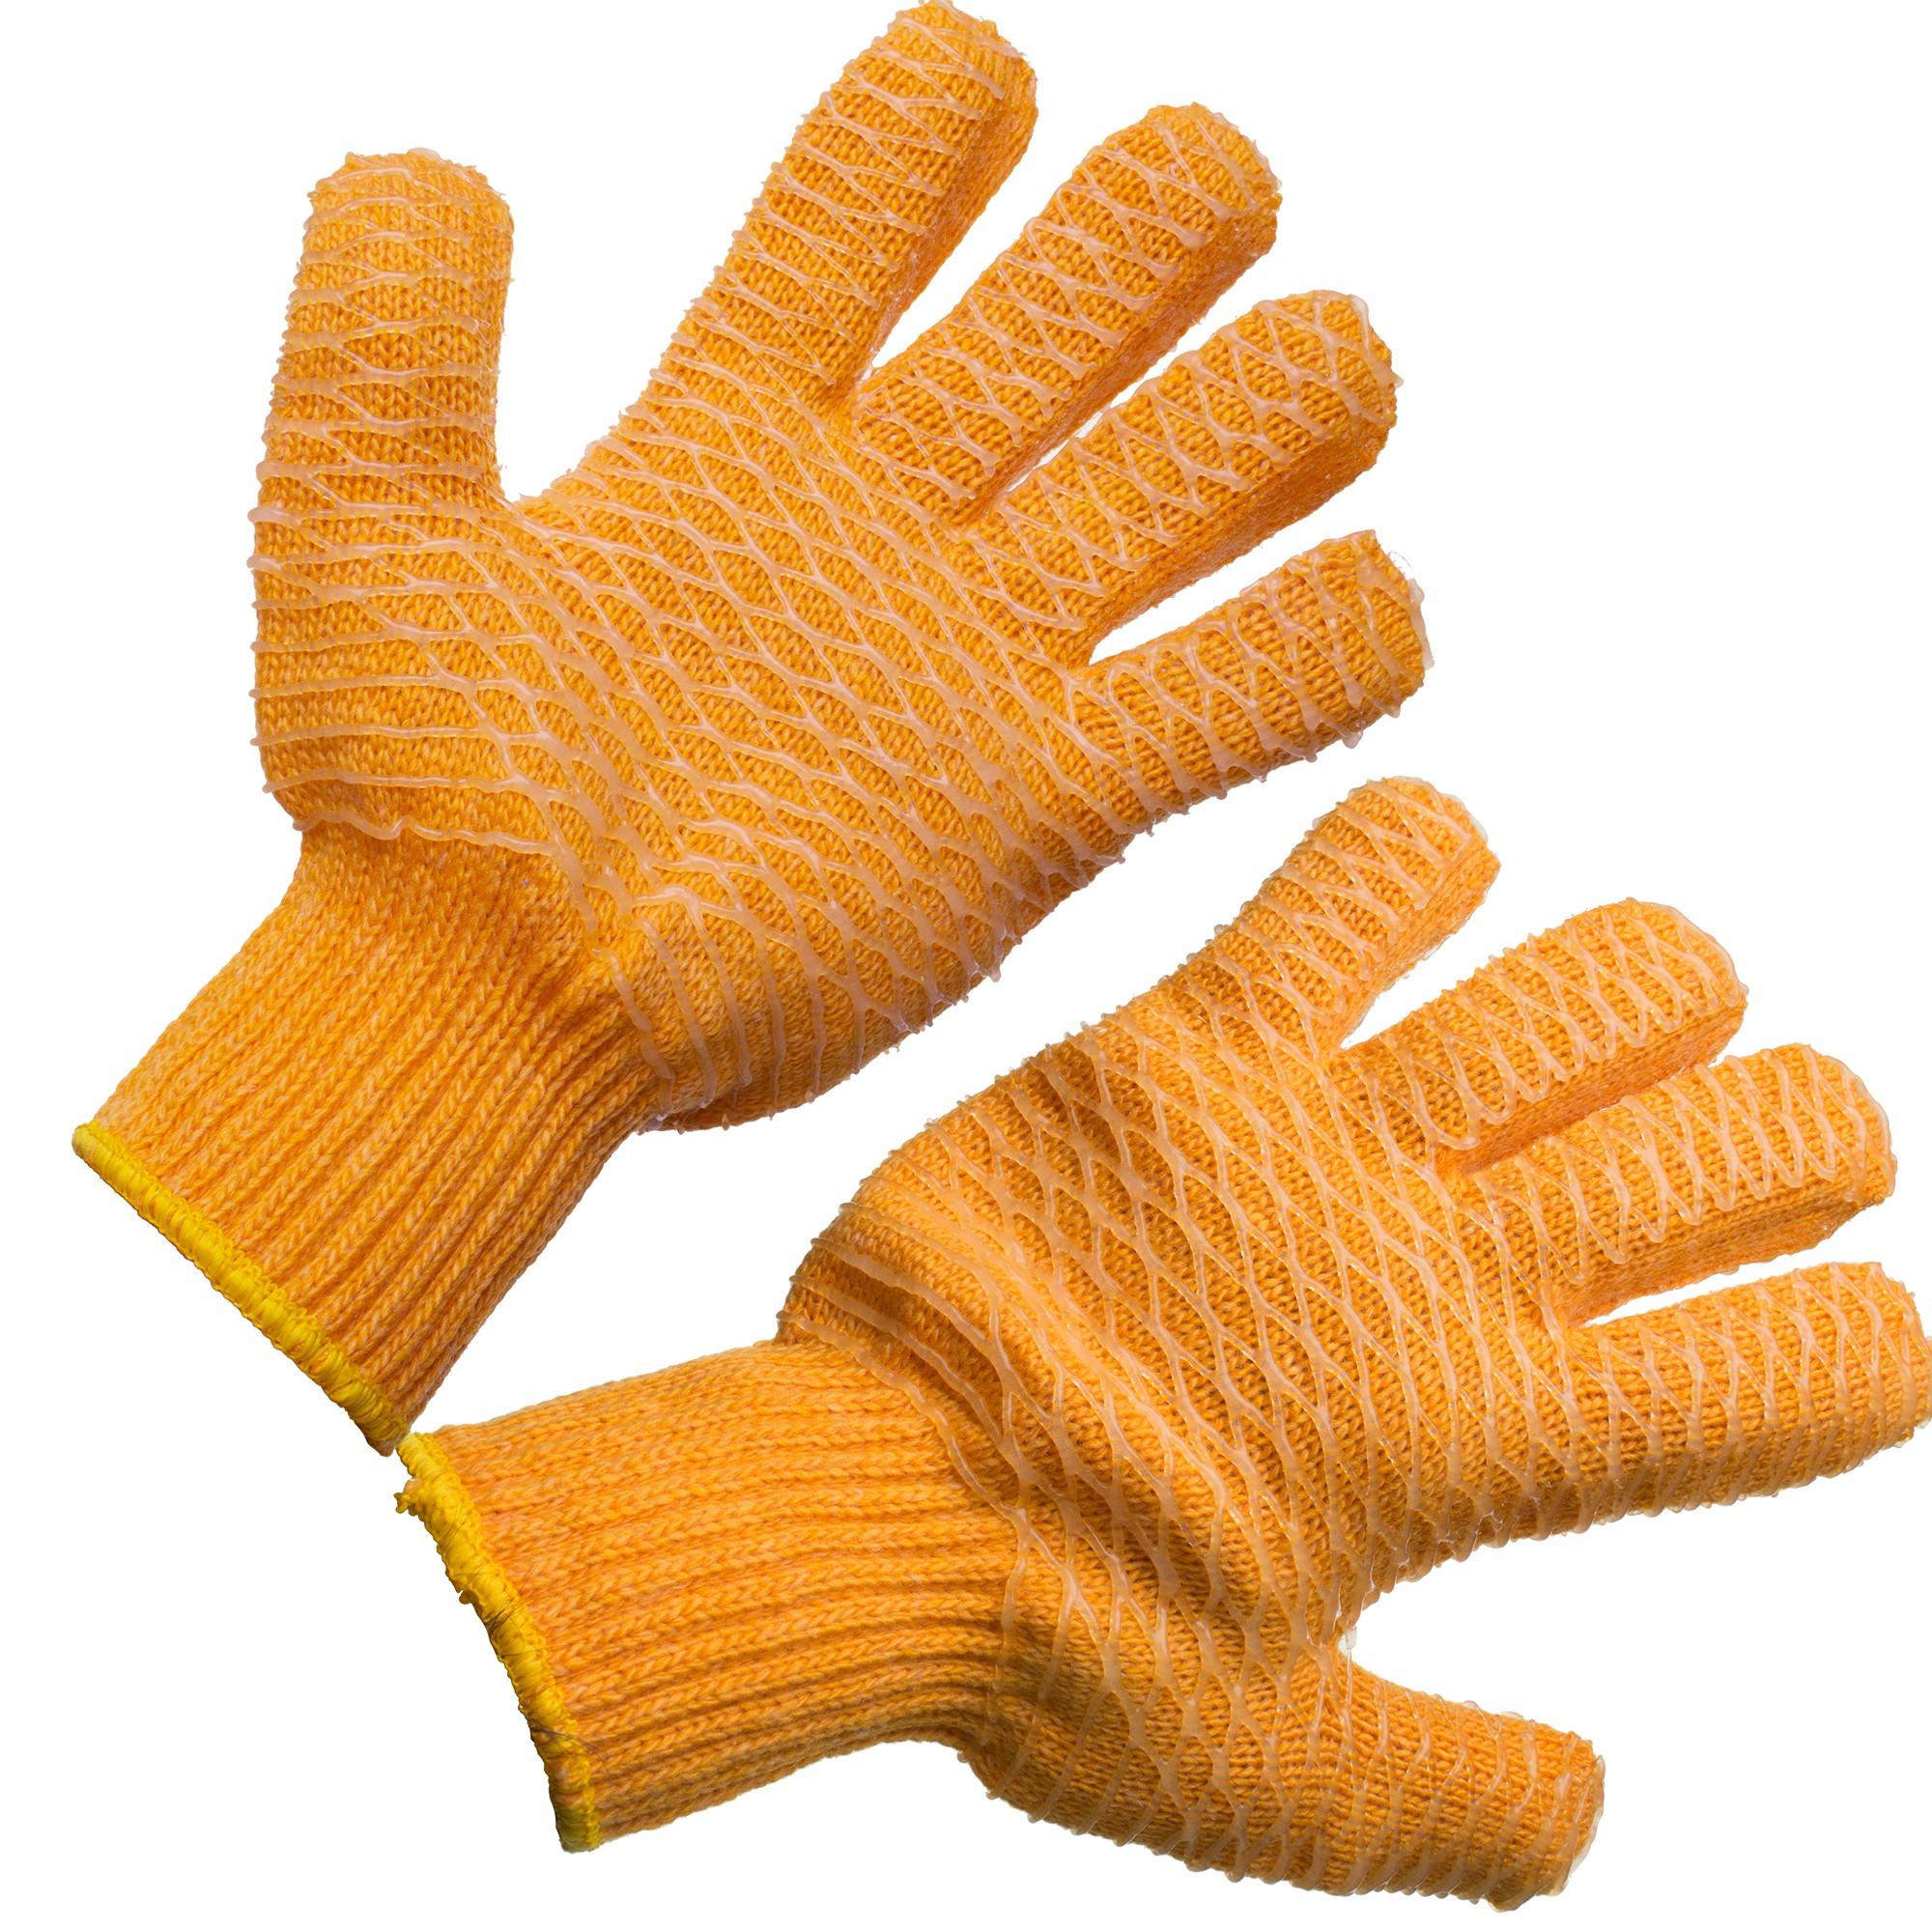 orange lobstering gloves